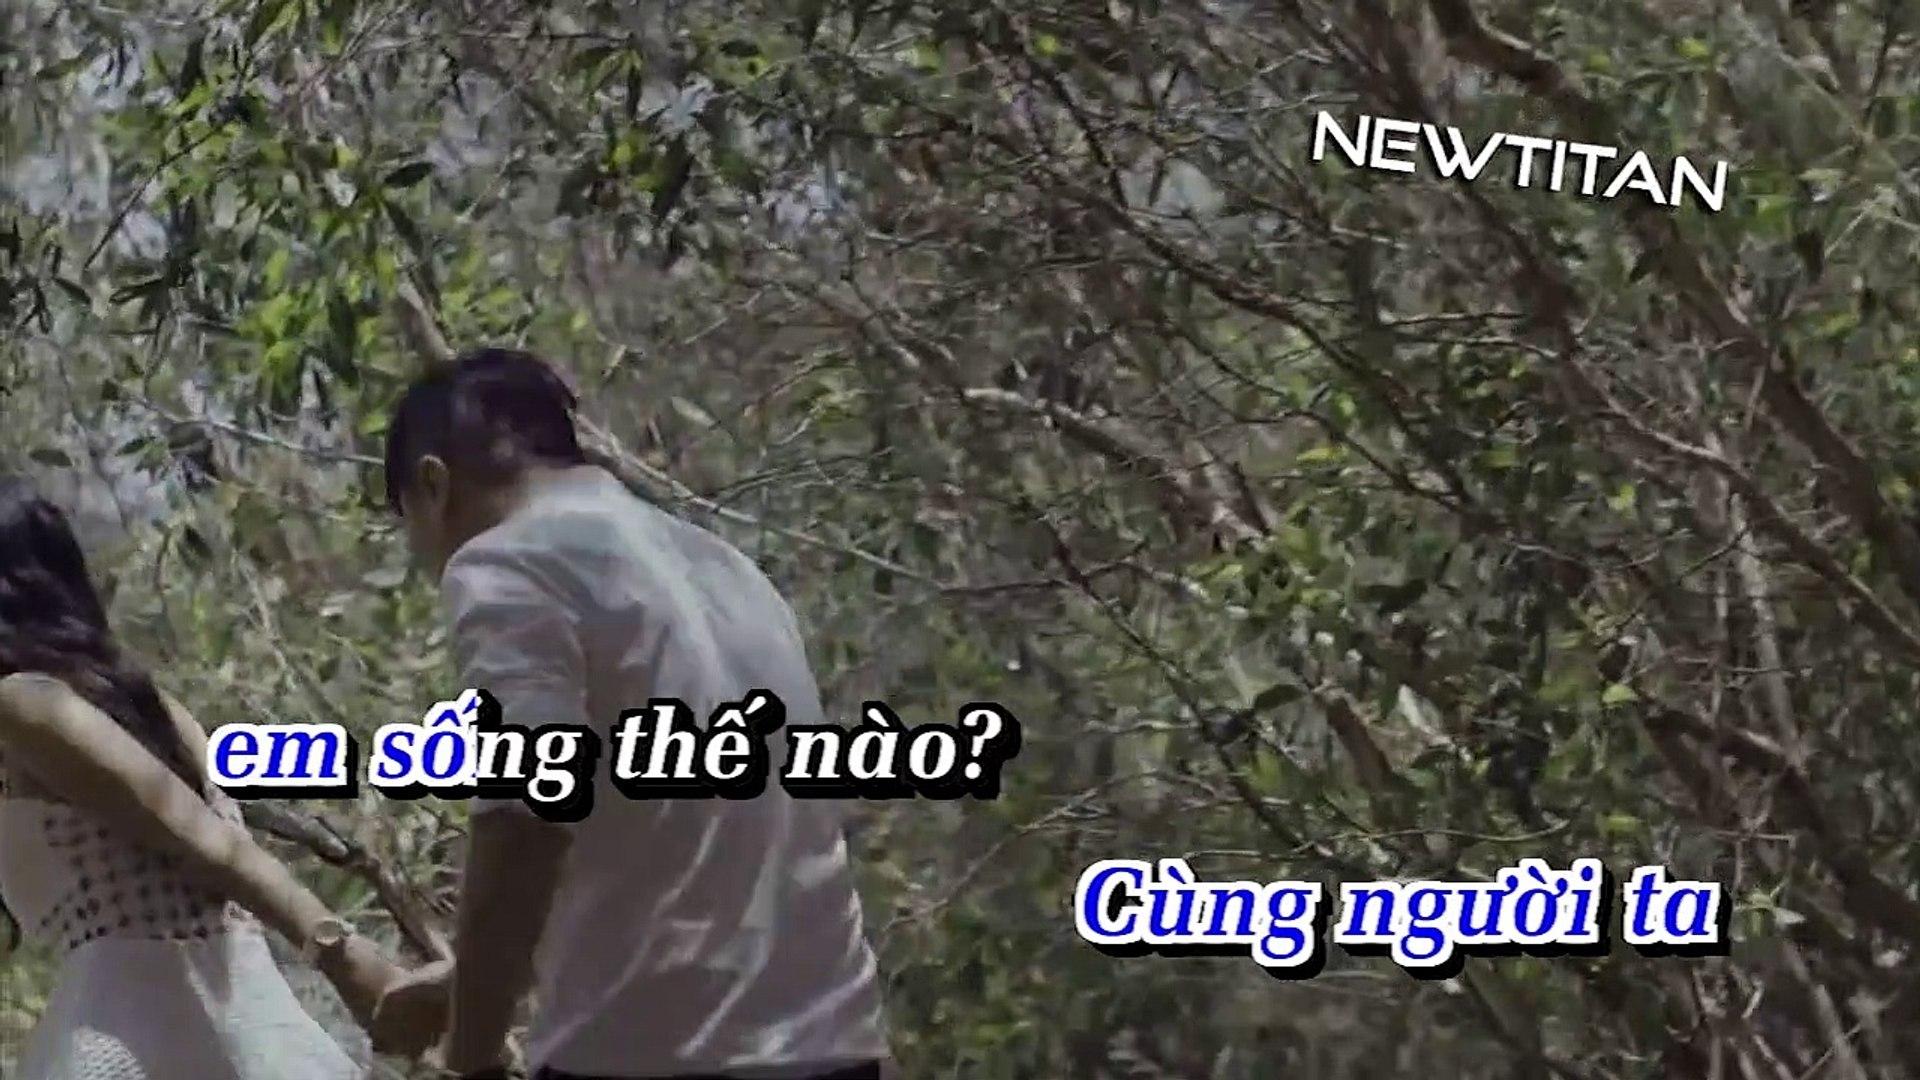 [Karaoke] Em Quay Về Đi (I'll Let You Go) - Vương Anh Tú [Beat]